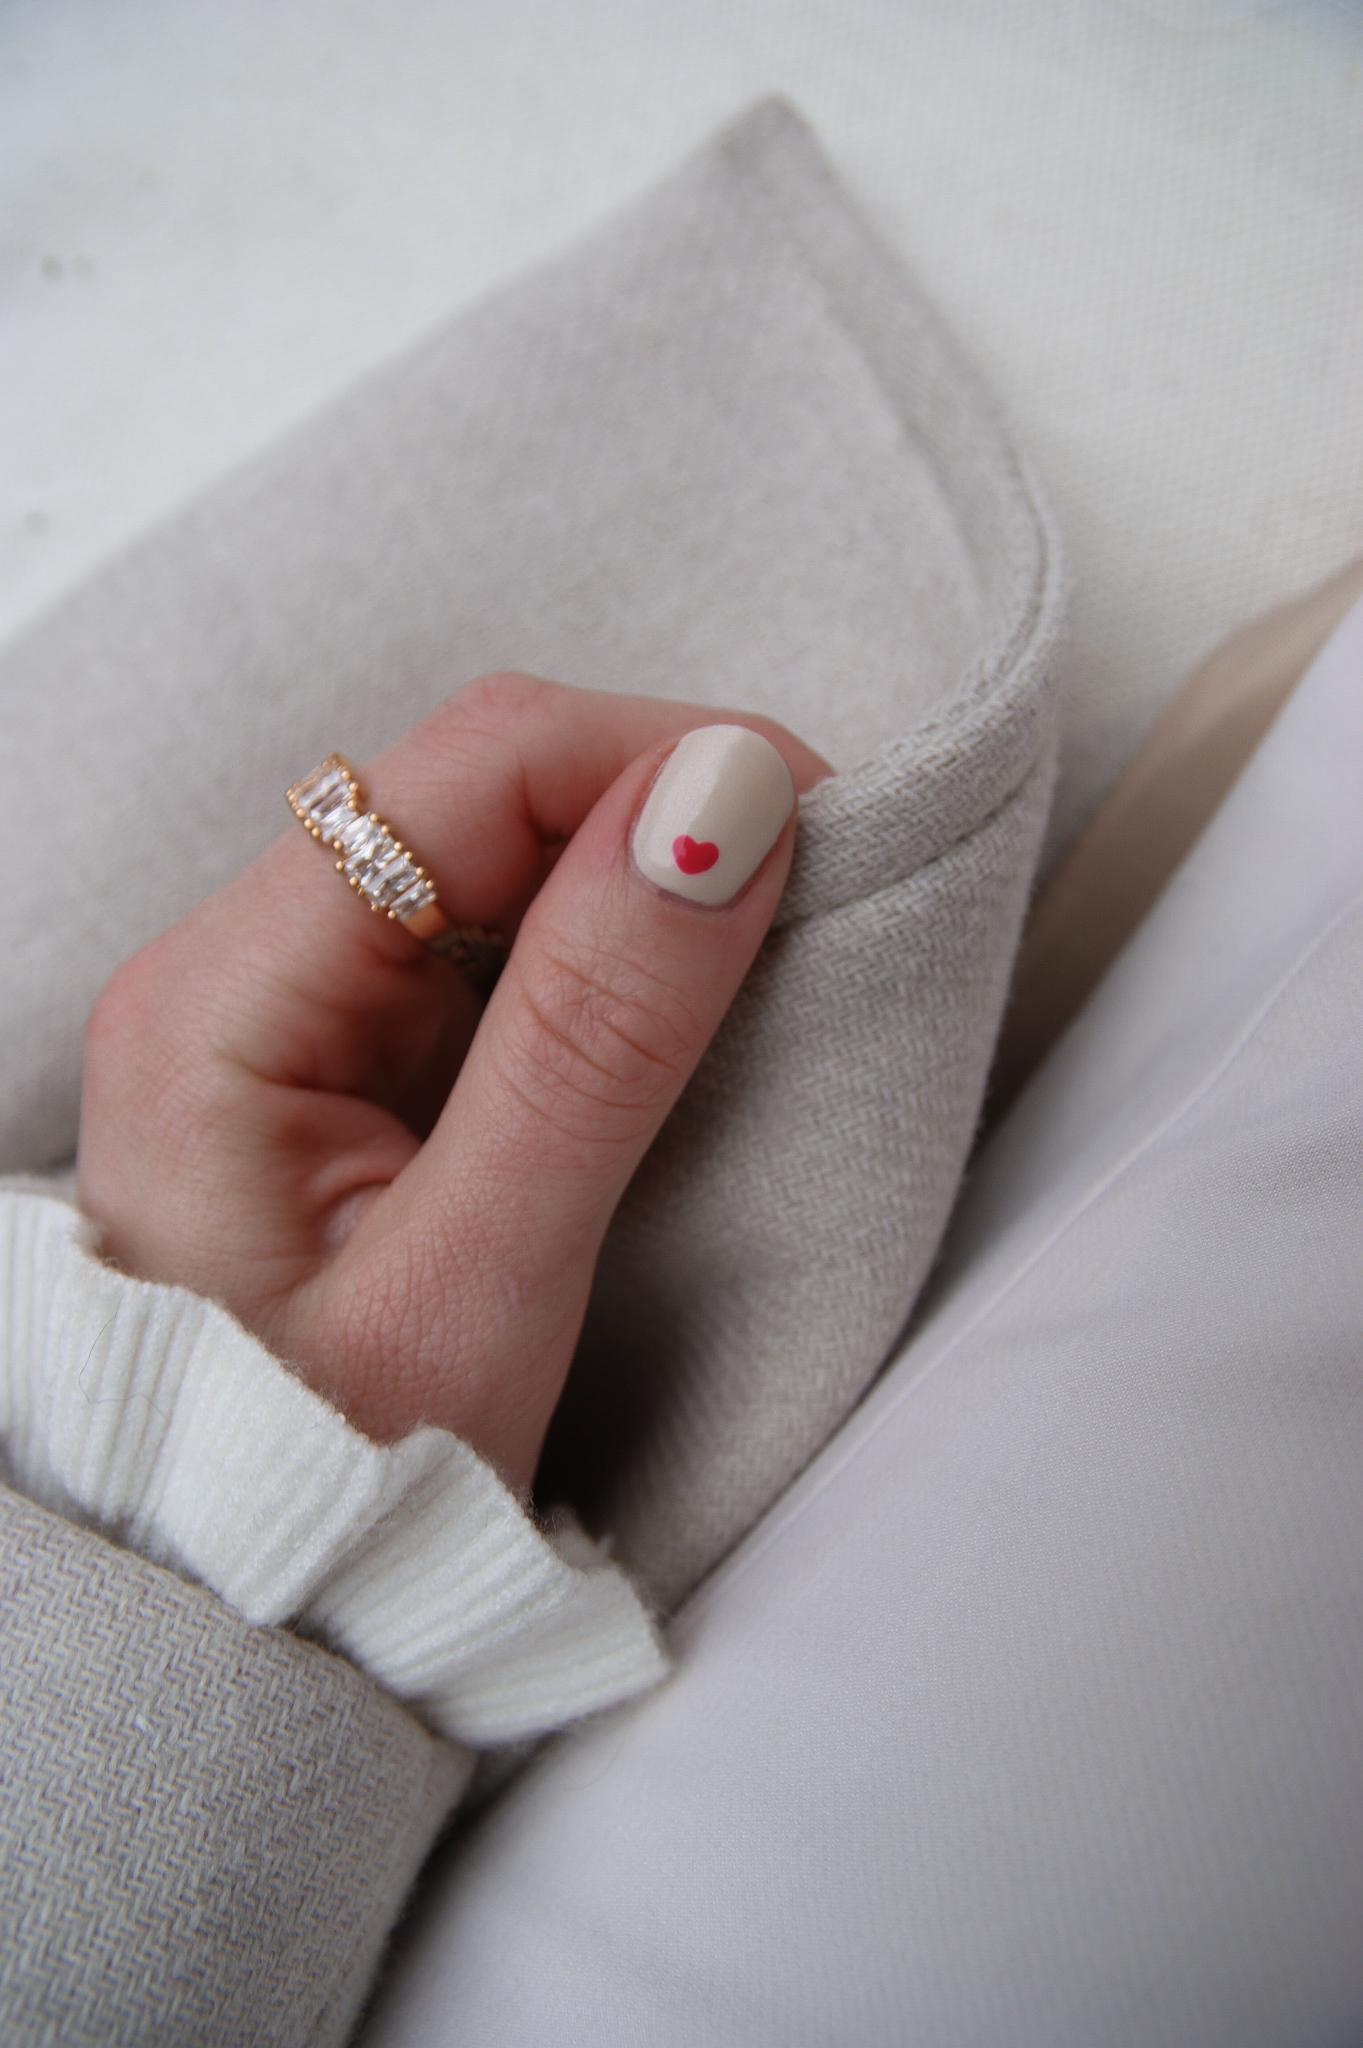 heart nail art, Valentine's Day nails, nail design